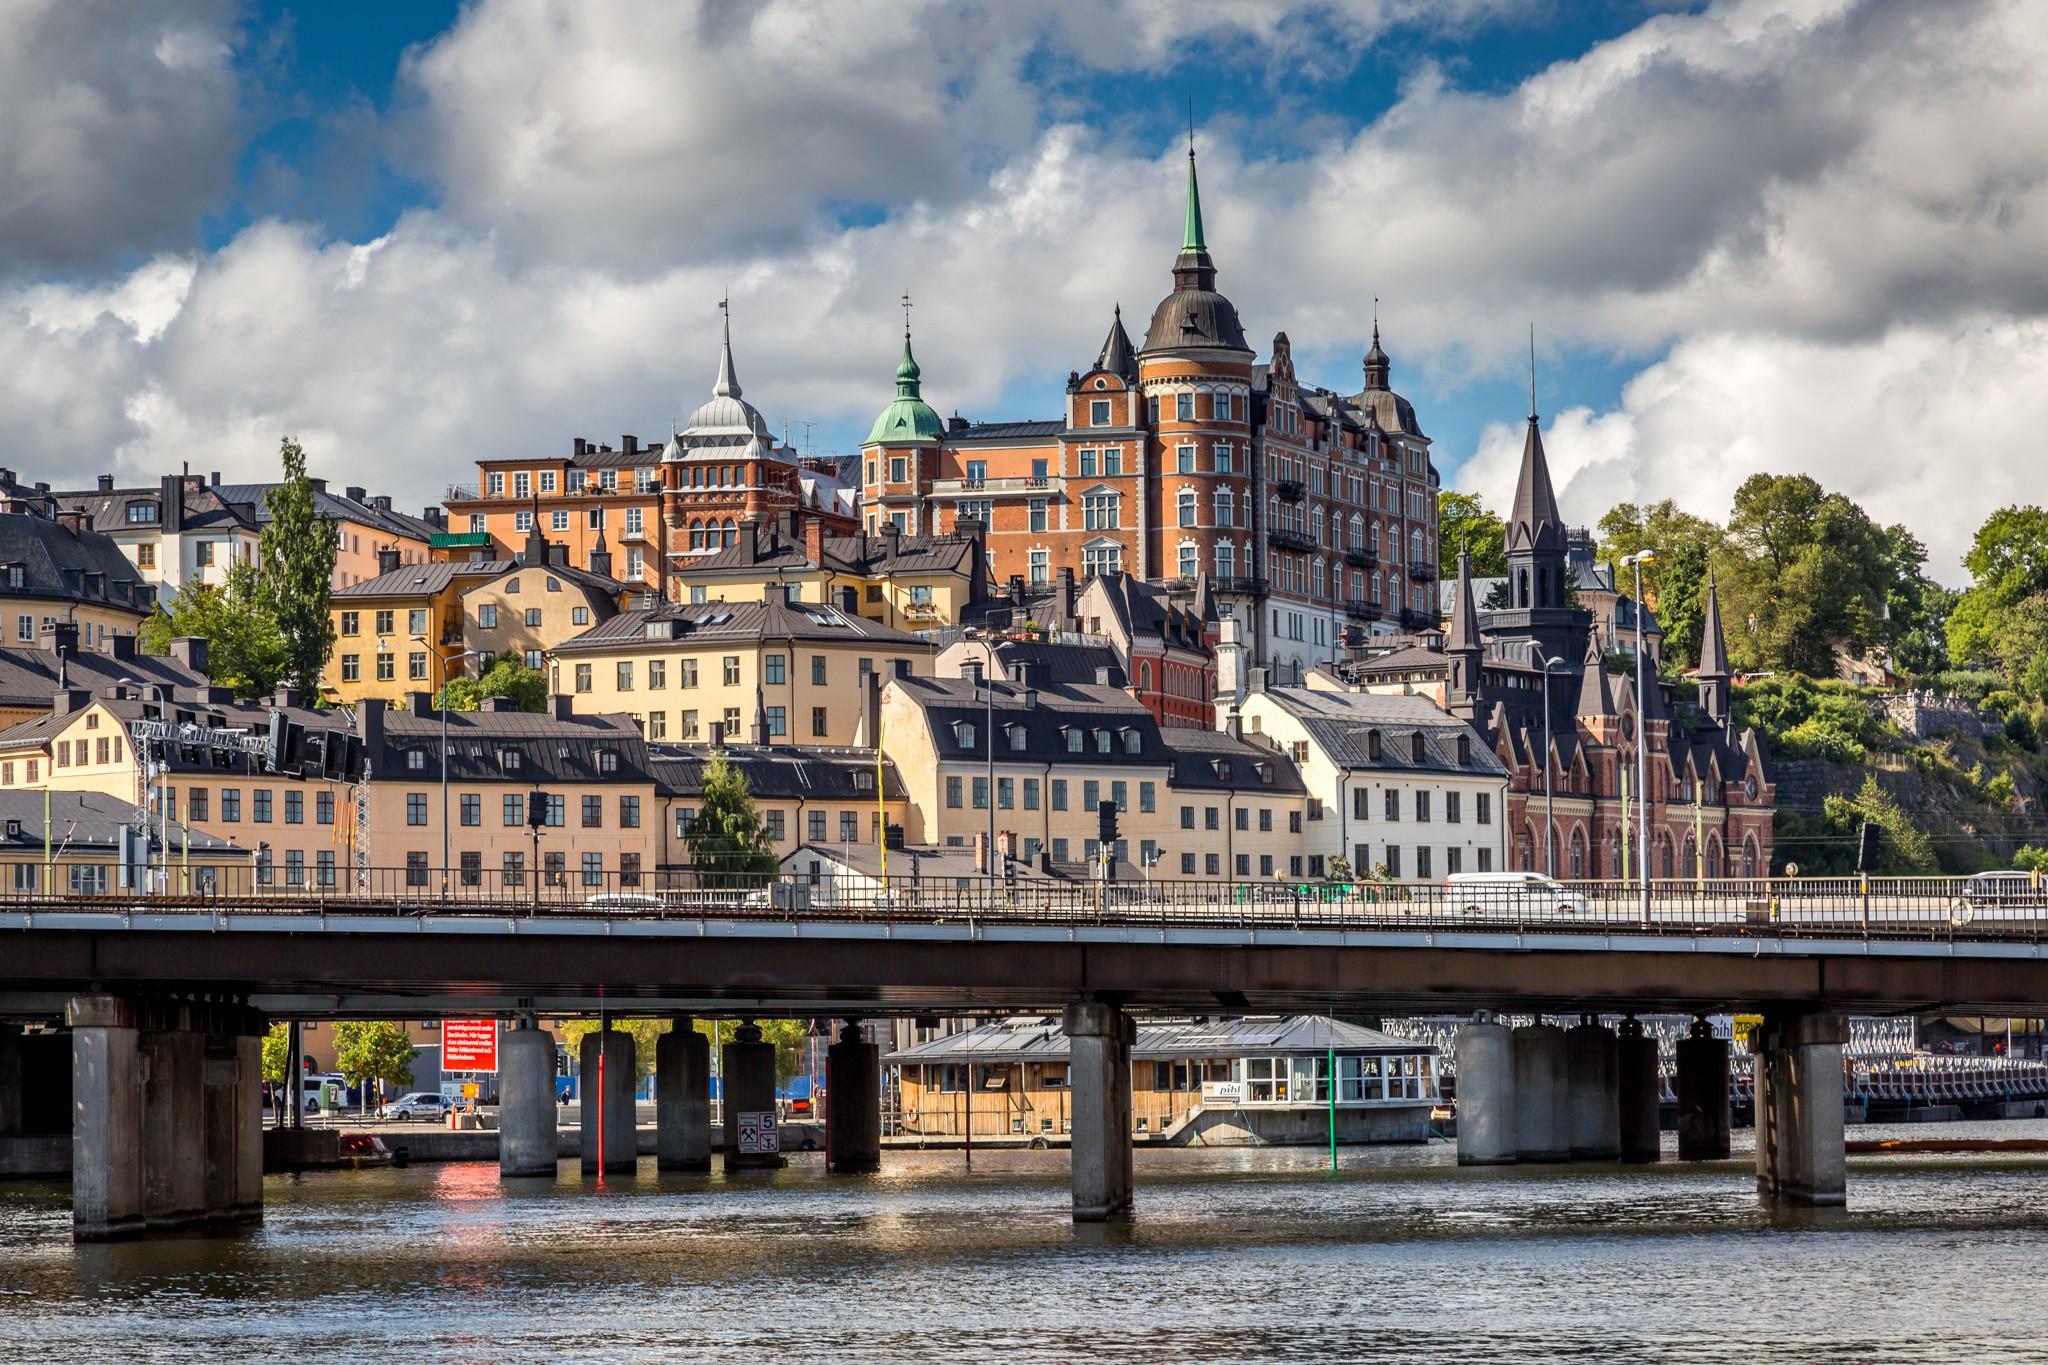 ТОП-10 достопримечательностей Швеции